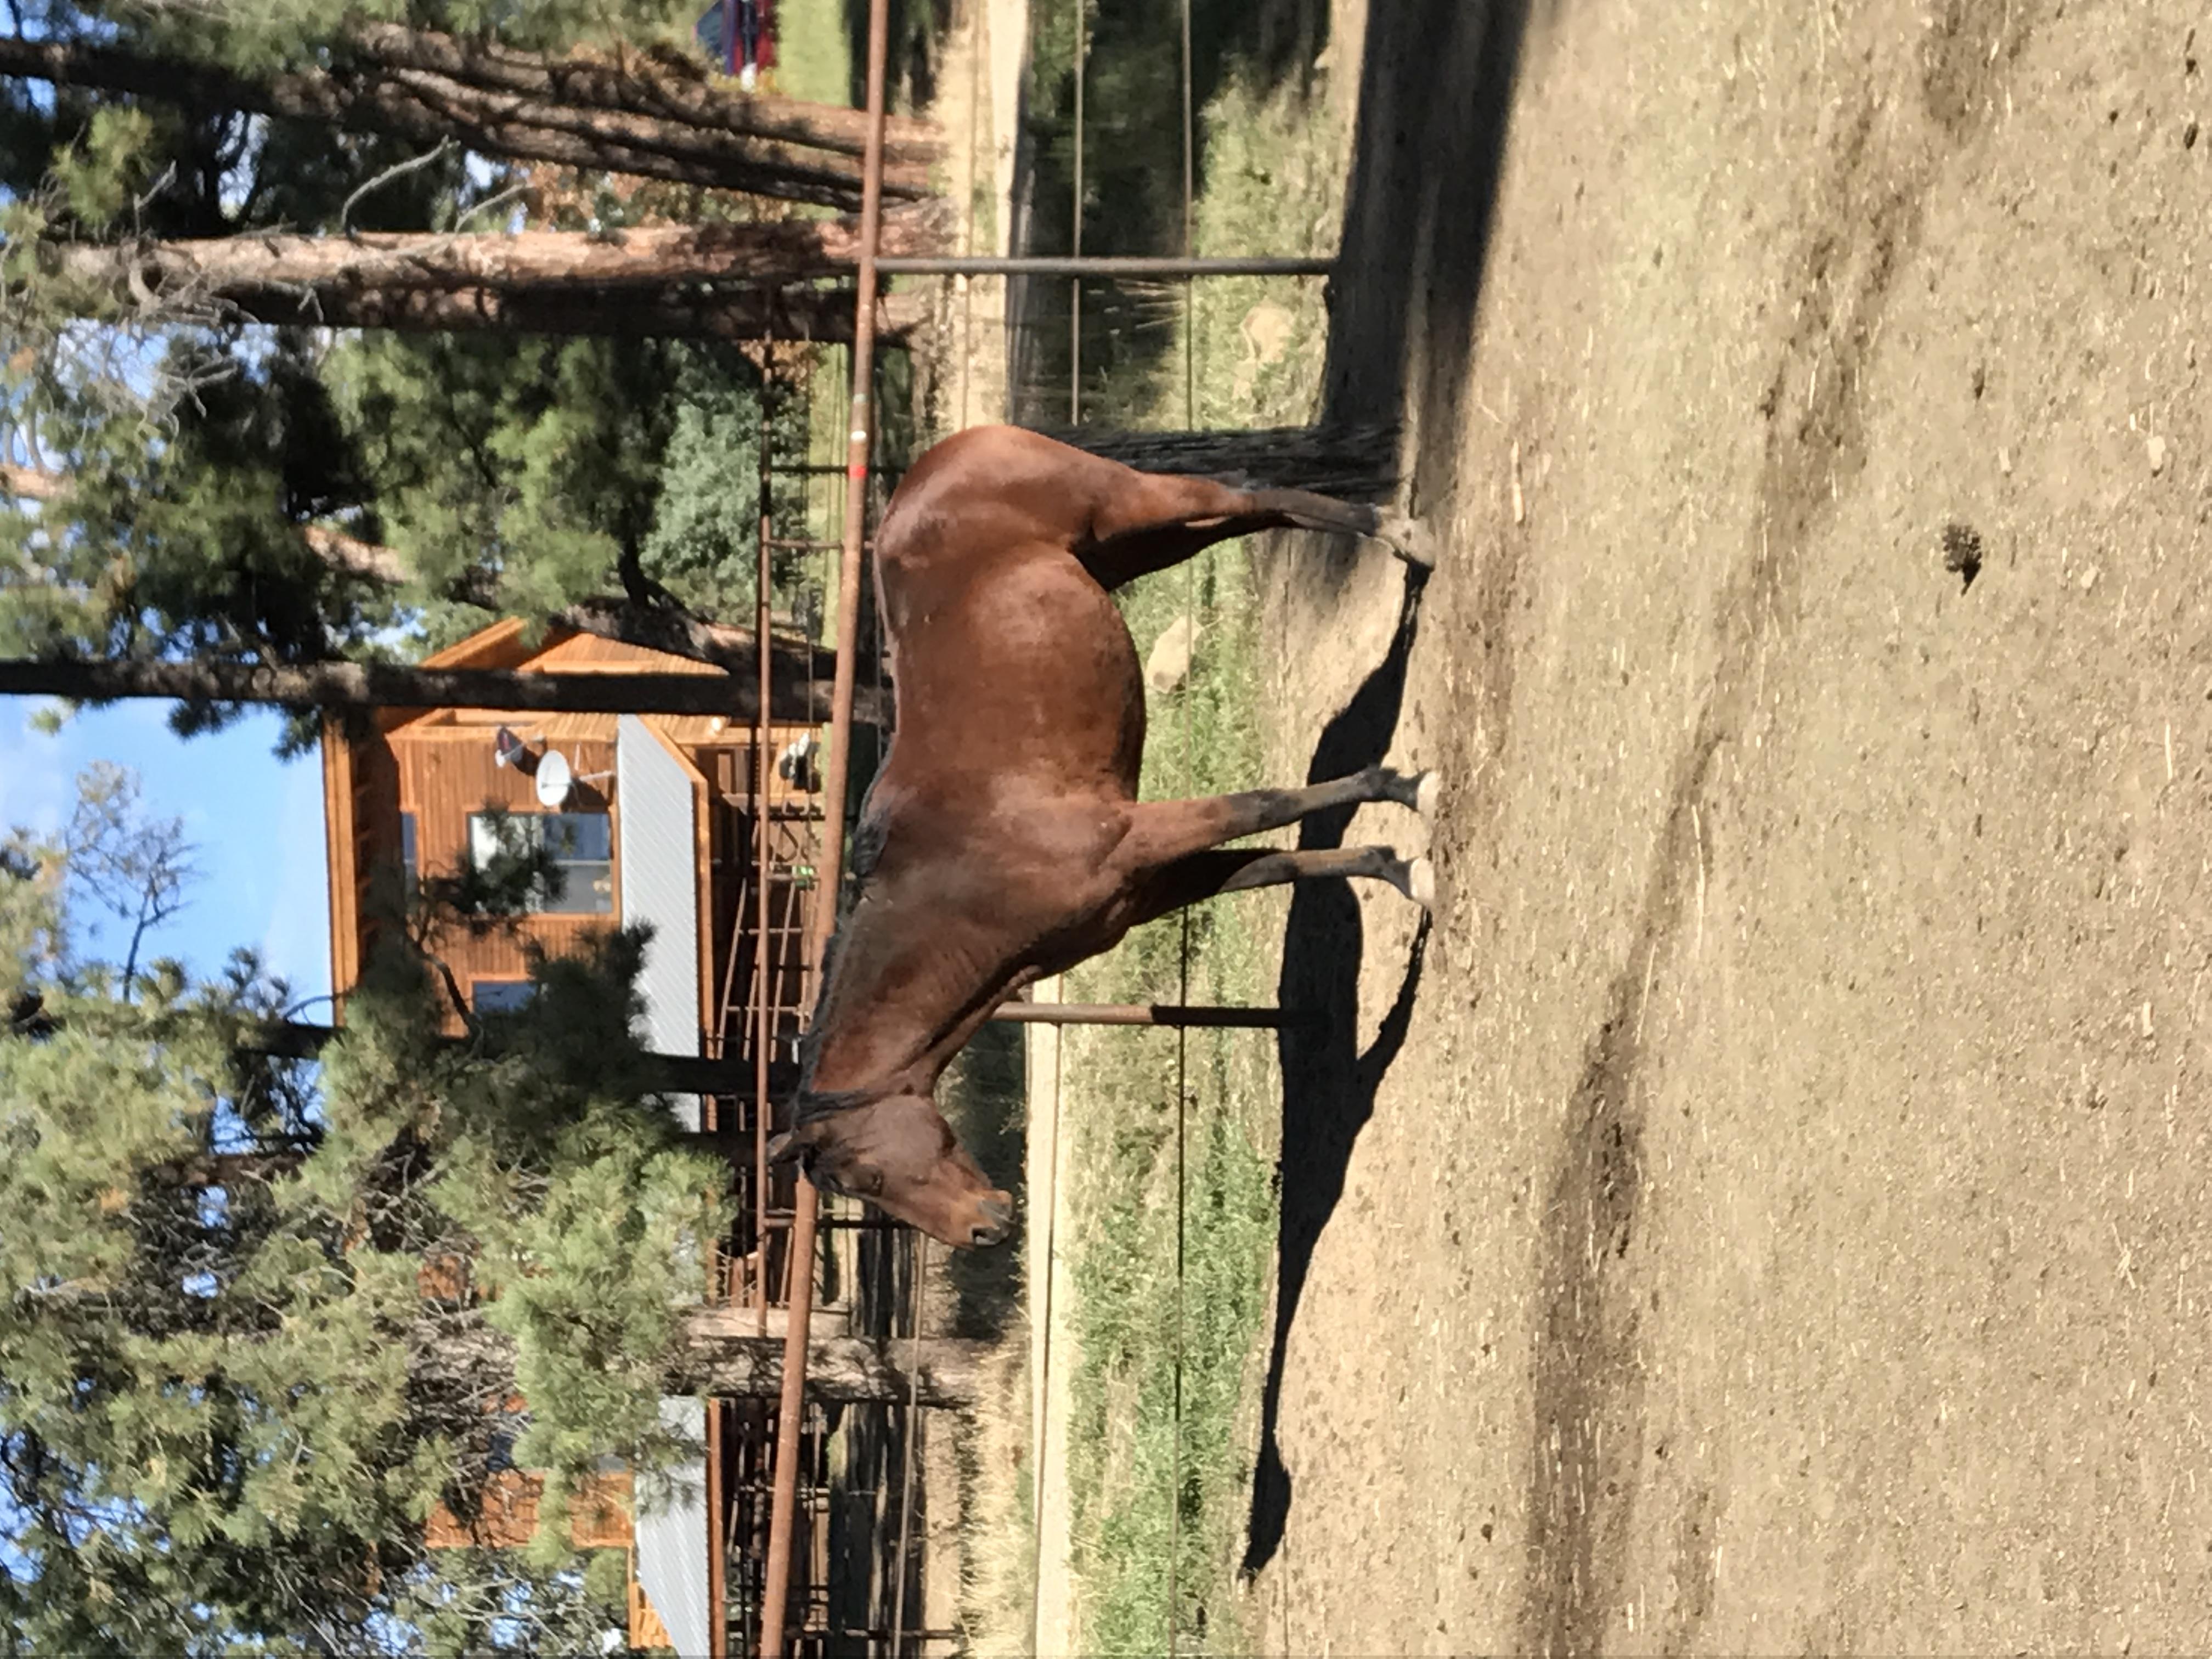 horse in an open paddock